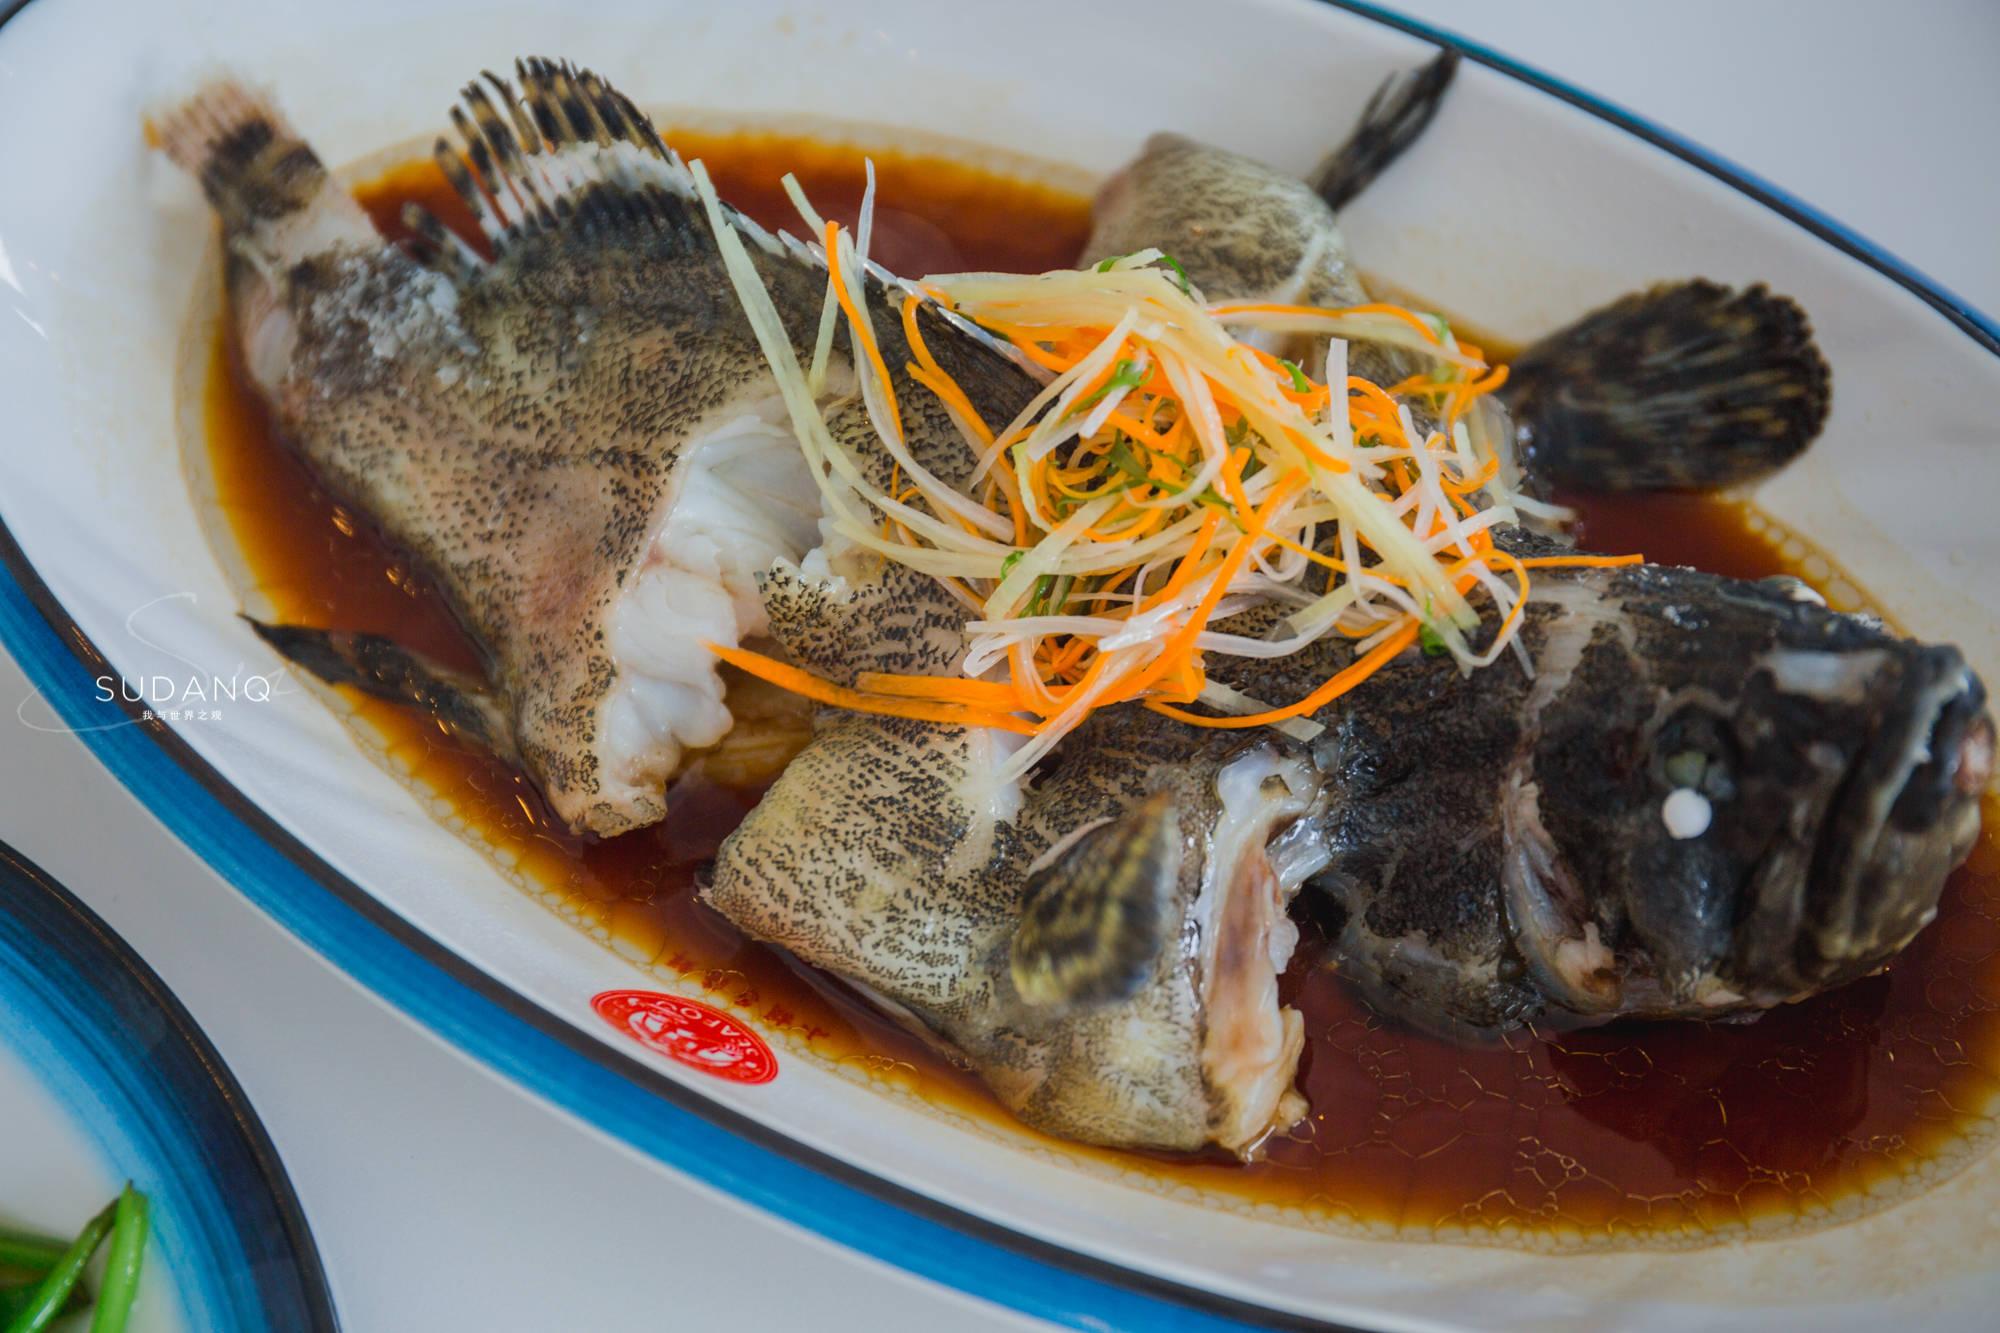 原创             网友提醒我去三亚千万别吃海鲜!包了游艇,吃了海鲜,三亚如此嗨